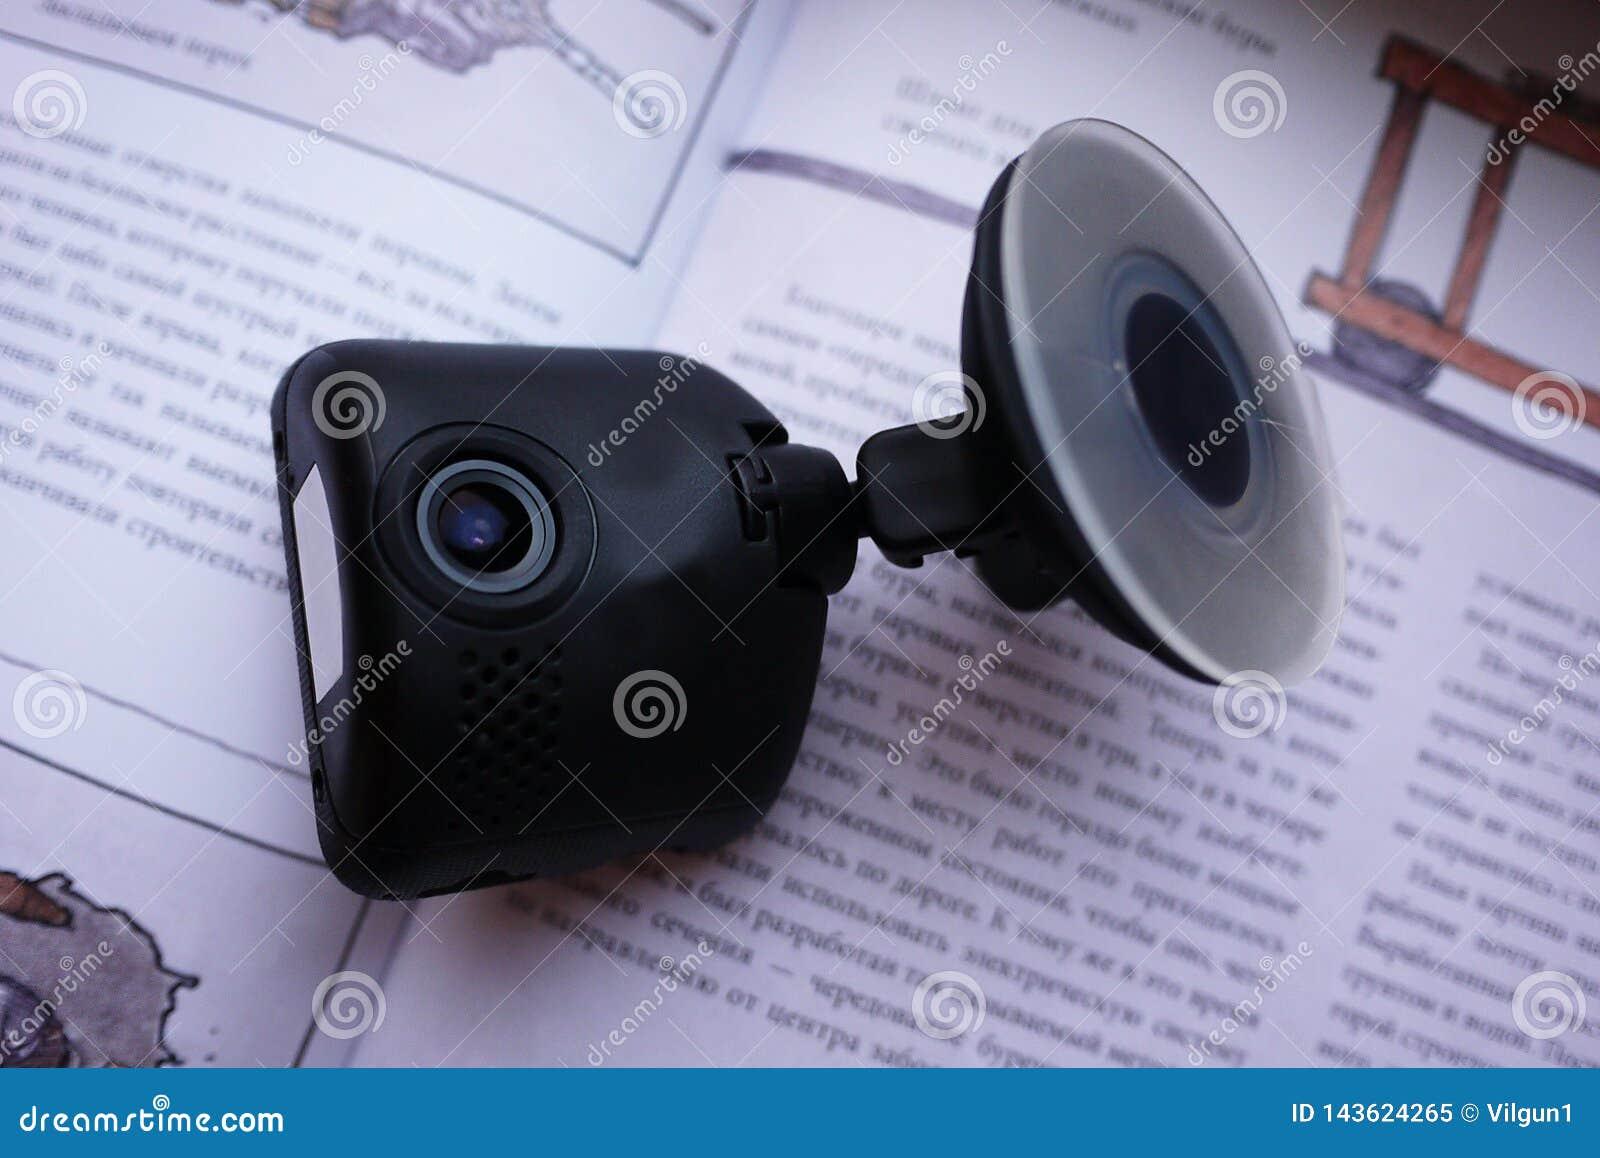 Auto camcorder vertoning Geïnstalleerd binnen de auto op het windscherm om te registreren wat op de weg gebeurt